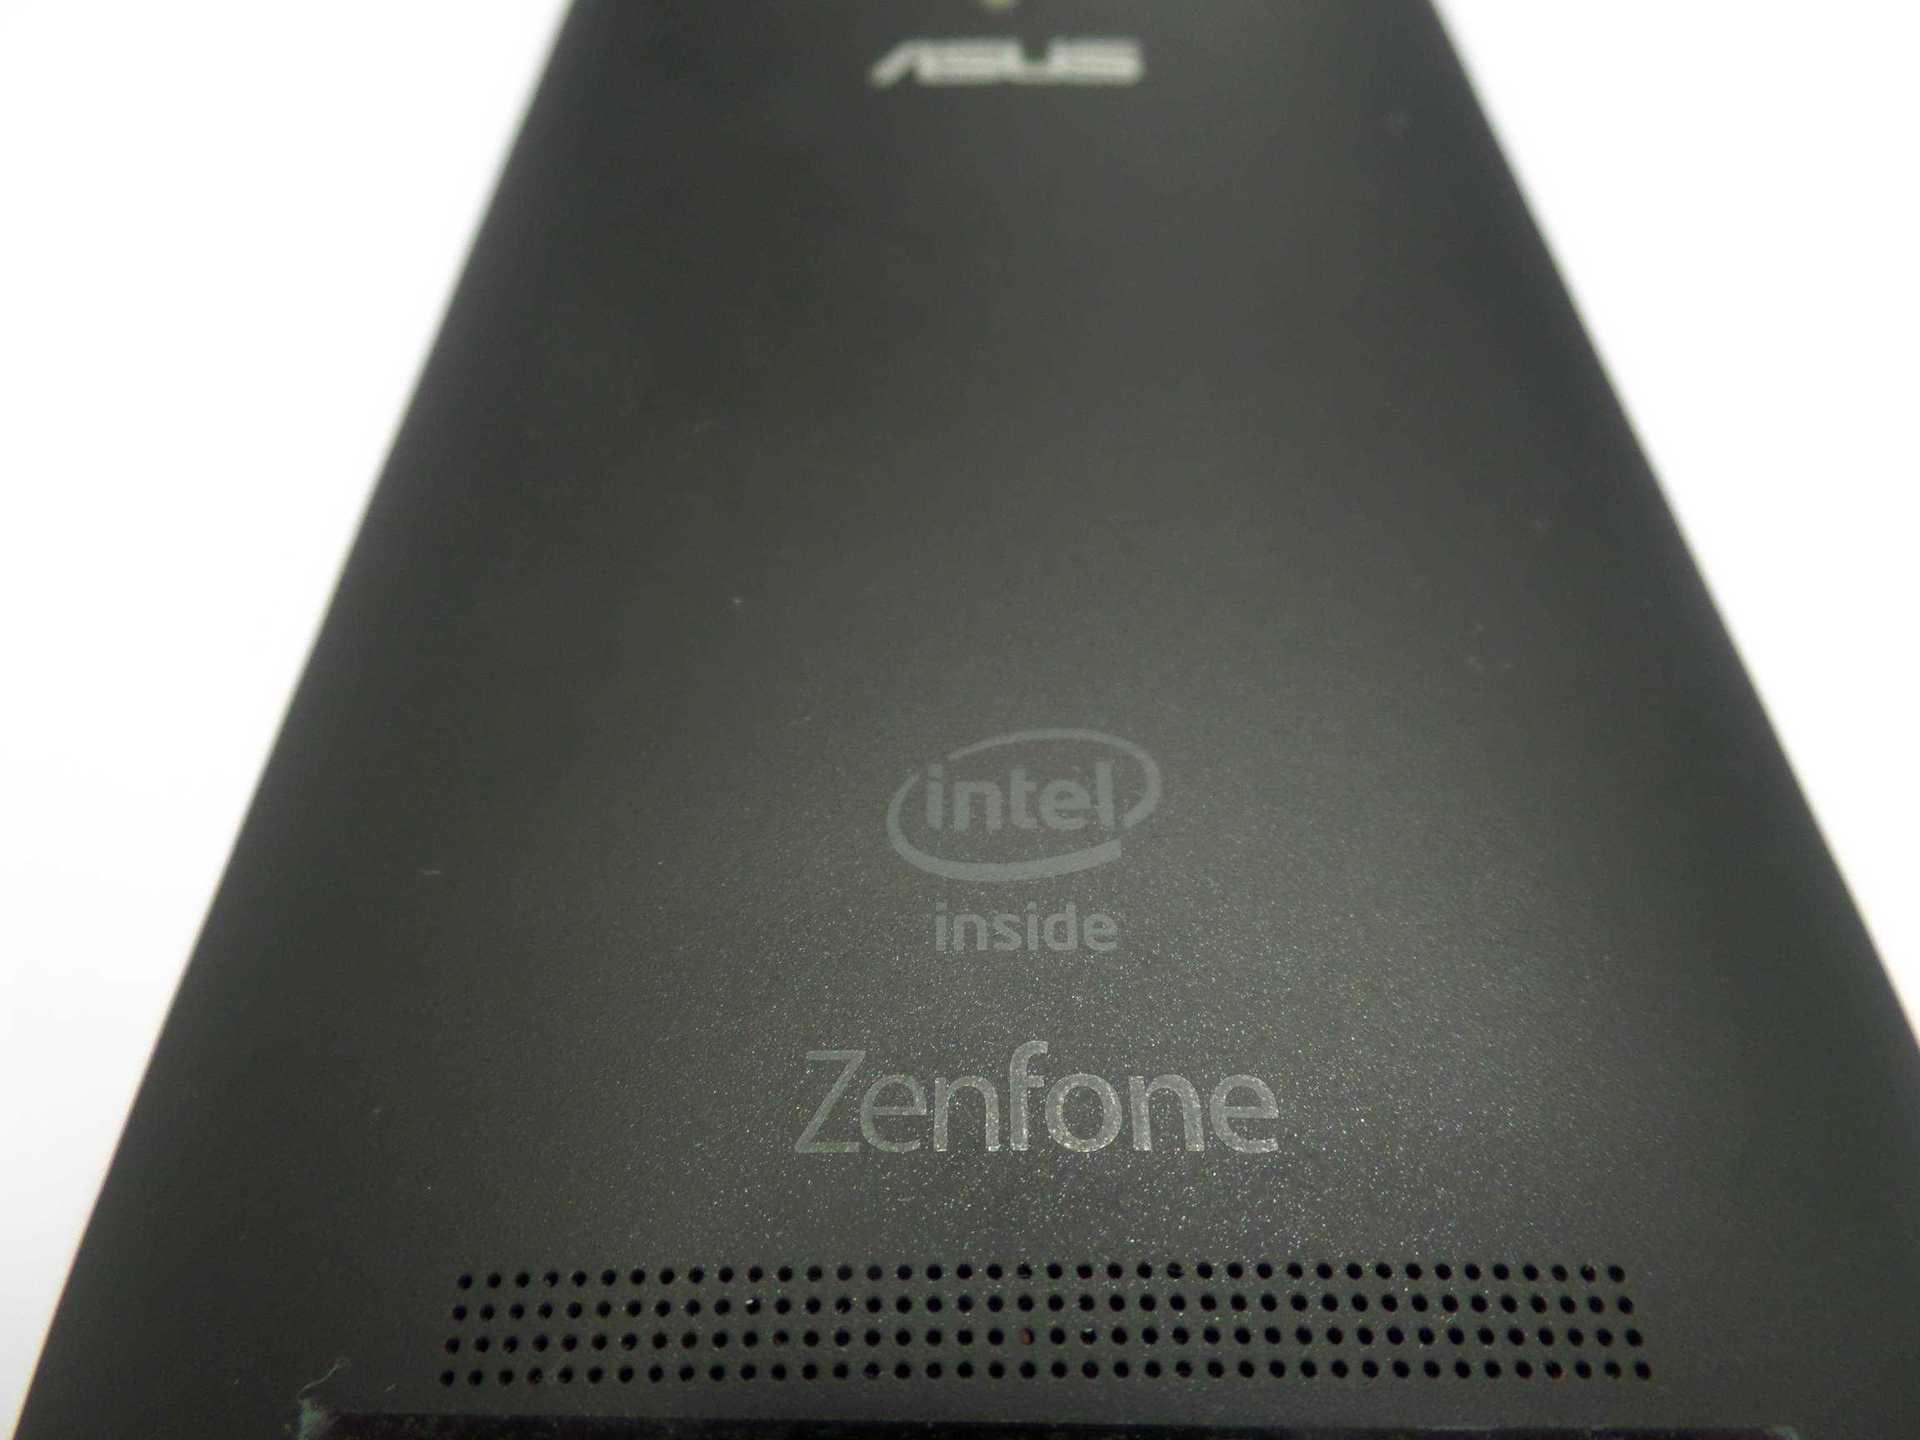 Recensione Asus Zenfone 5, prestazioni e qualità a basso costo